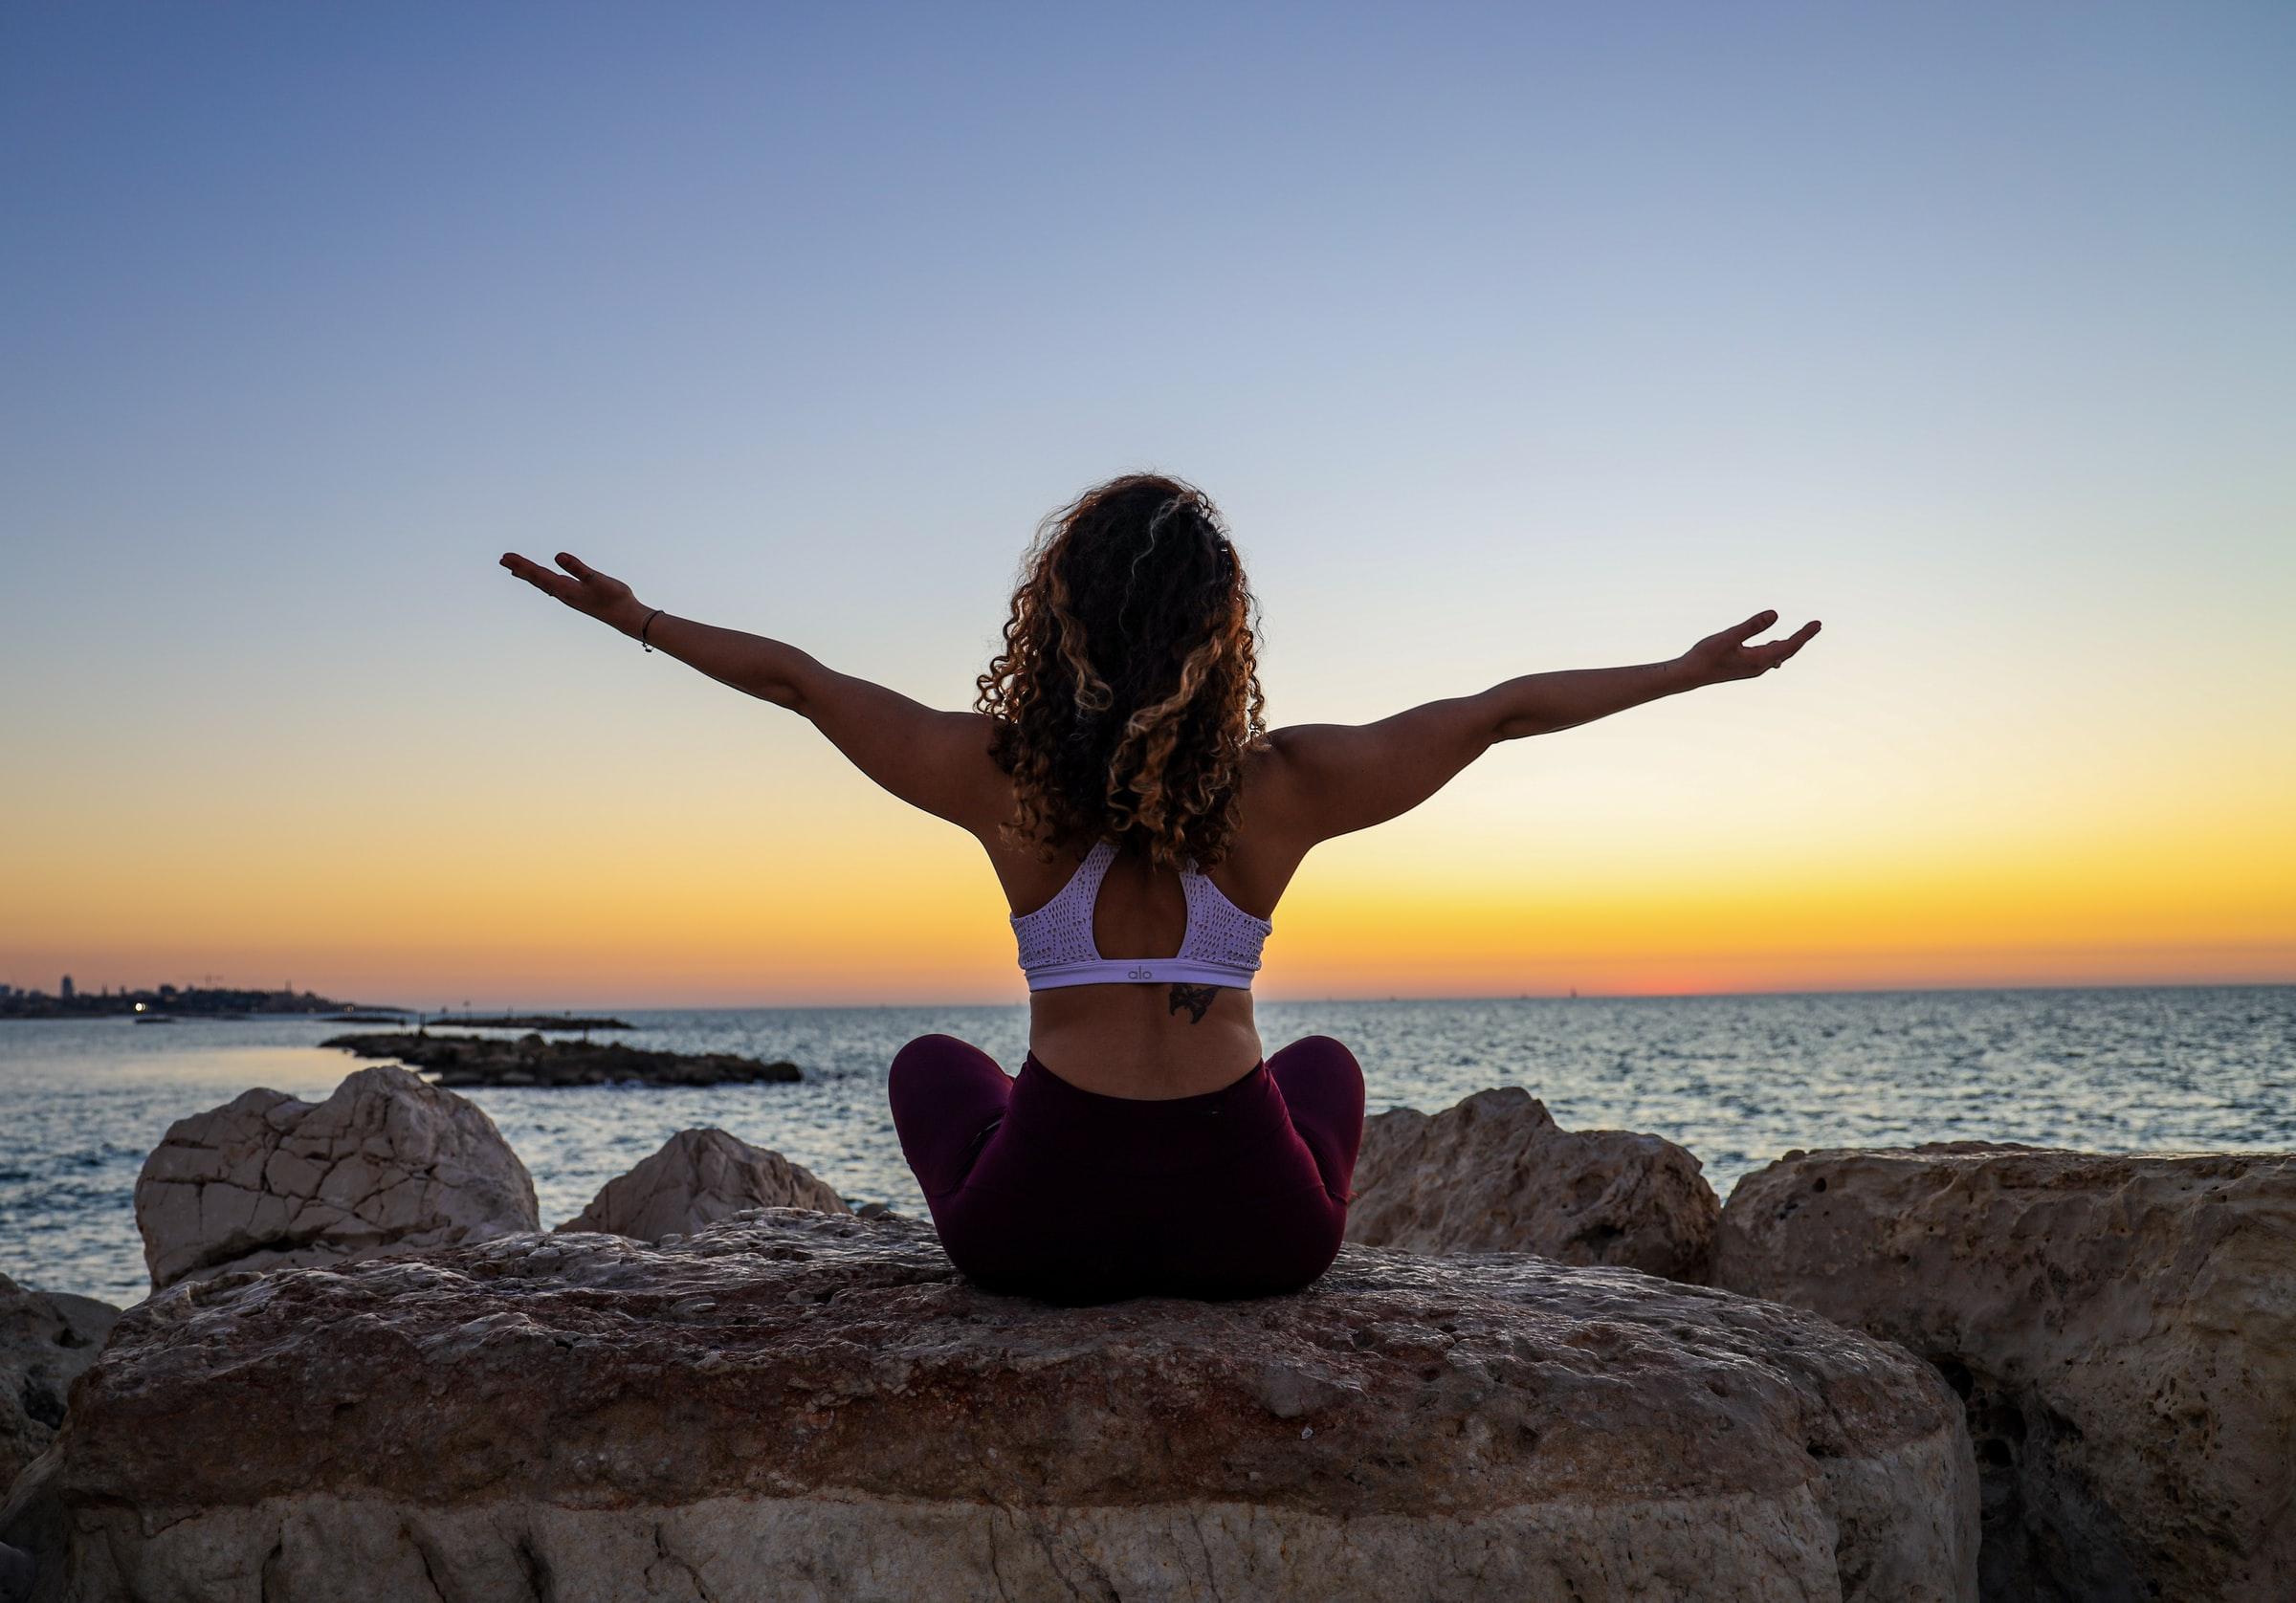 спорт для души, стретчинг, пилатес, йога